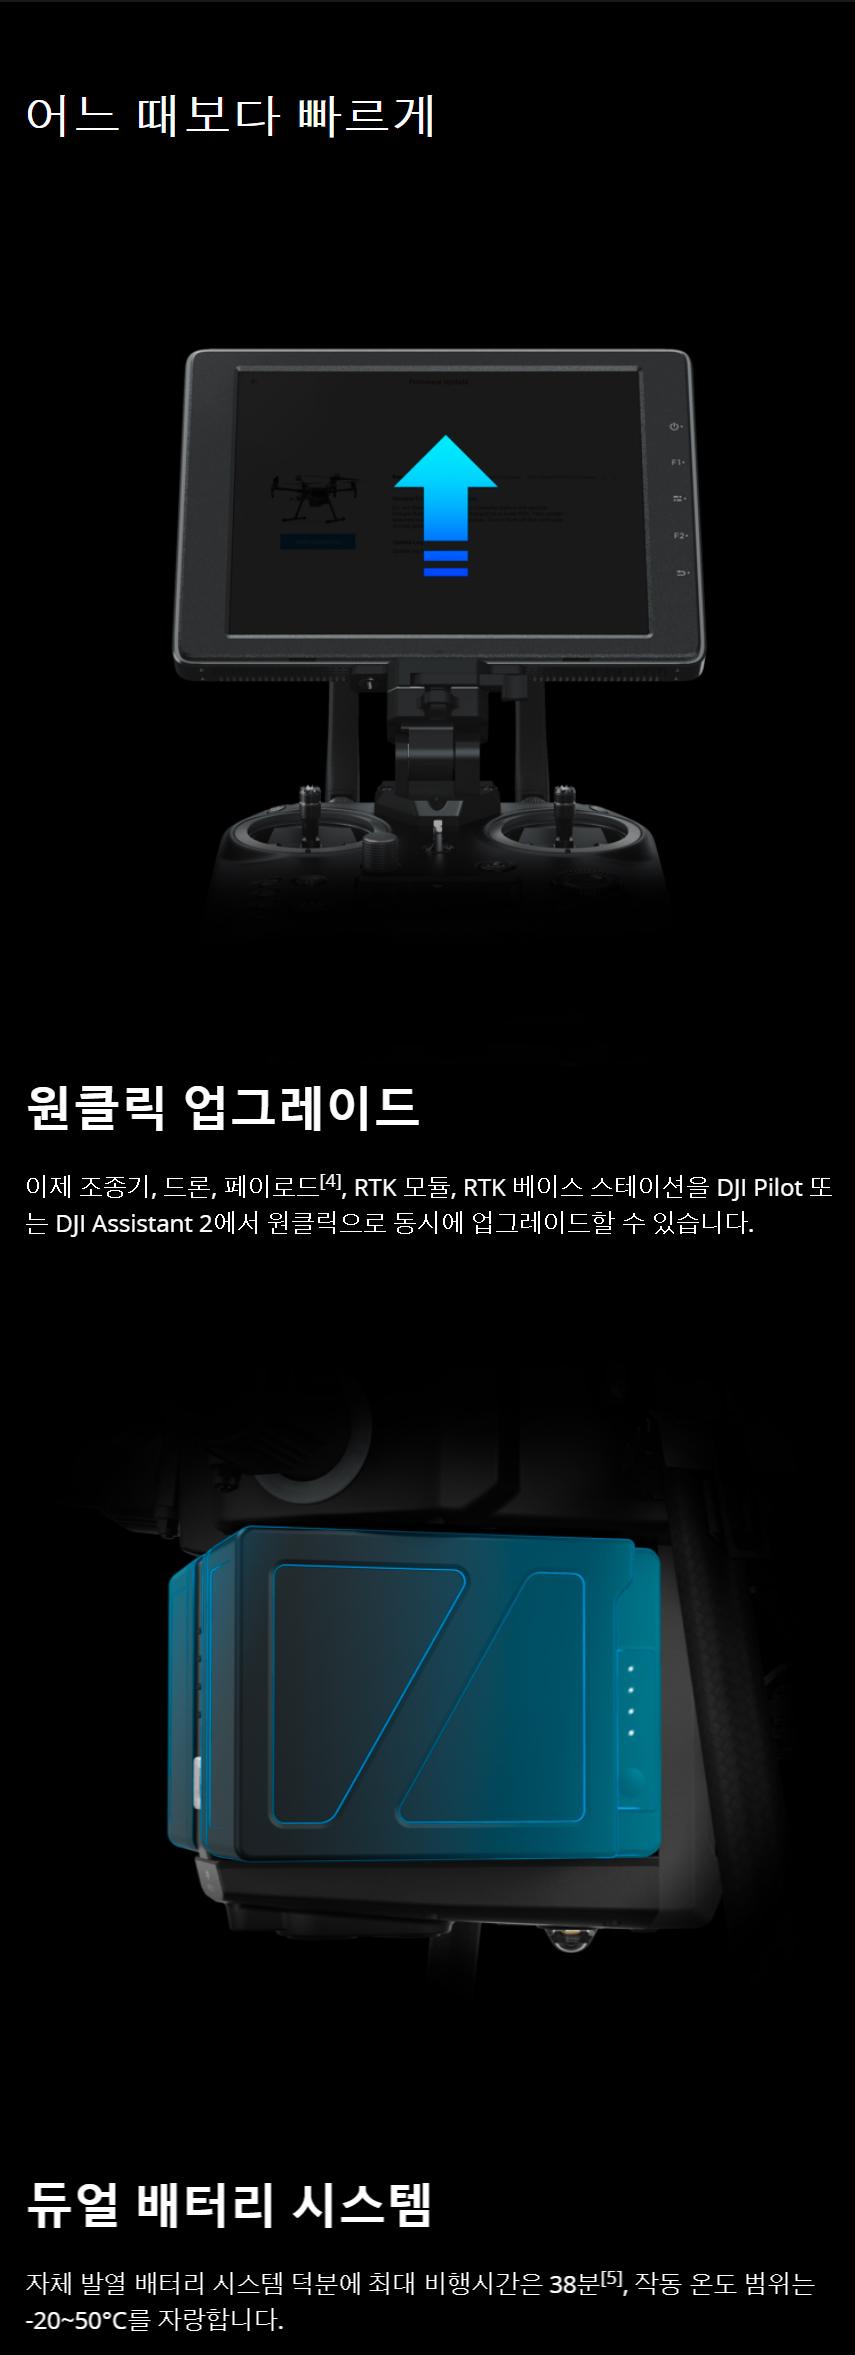 DJI MATRICE 210 RTK V2 매트리스 210 RTK V2 드론 코세코